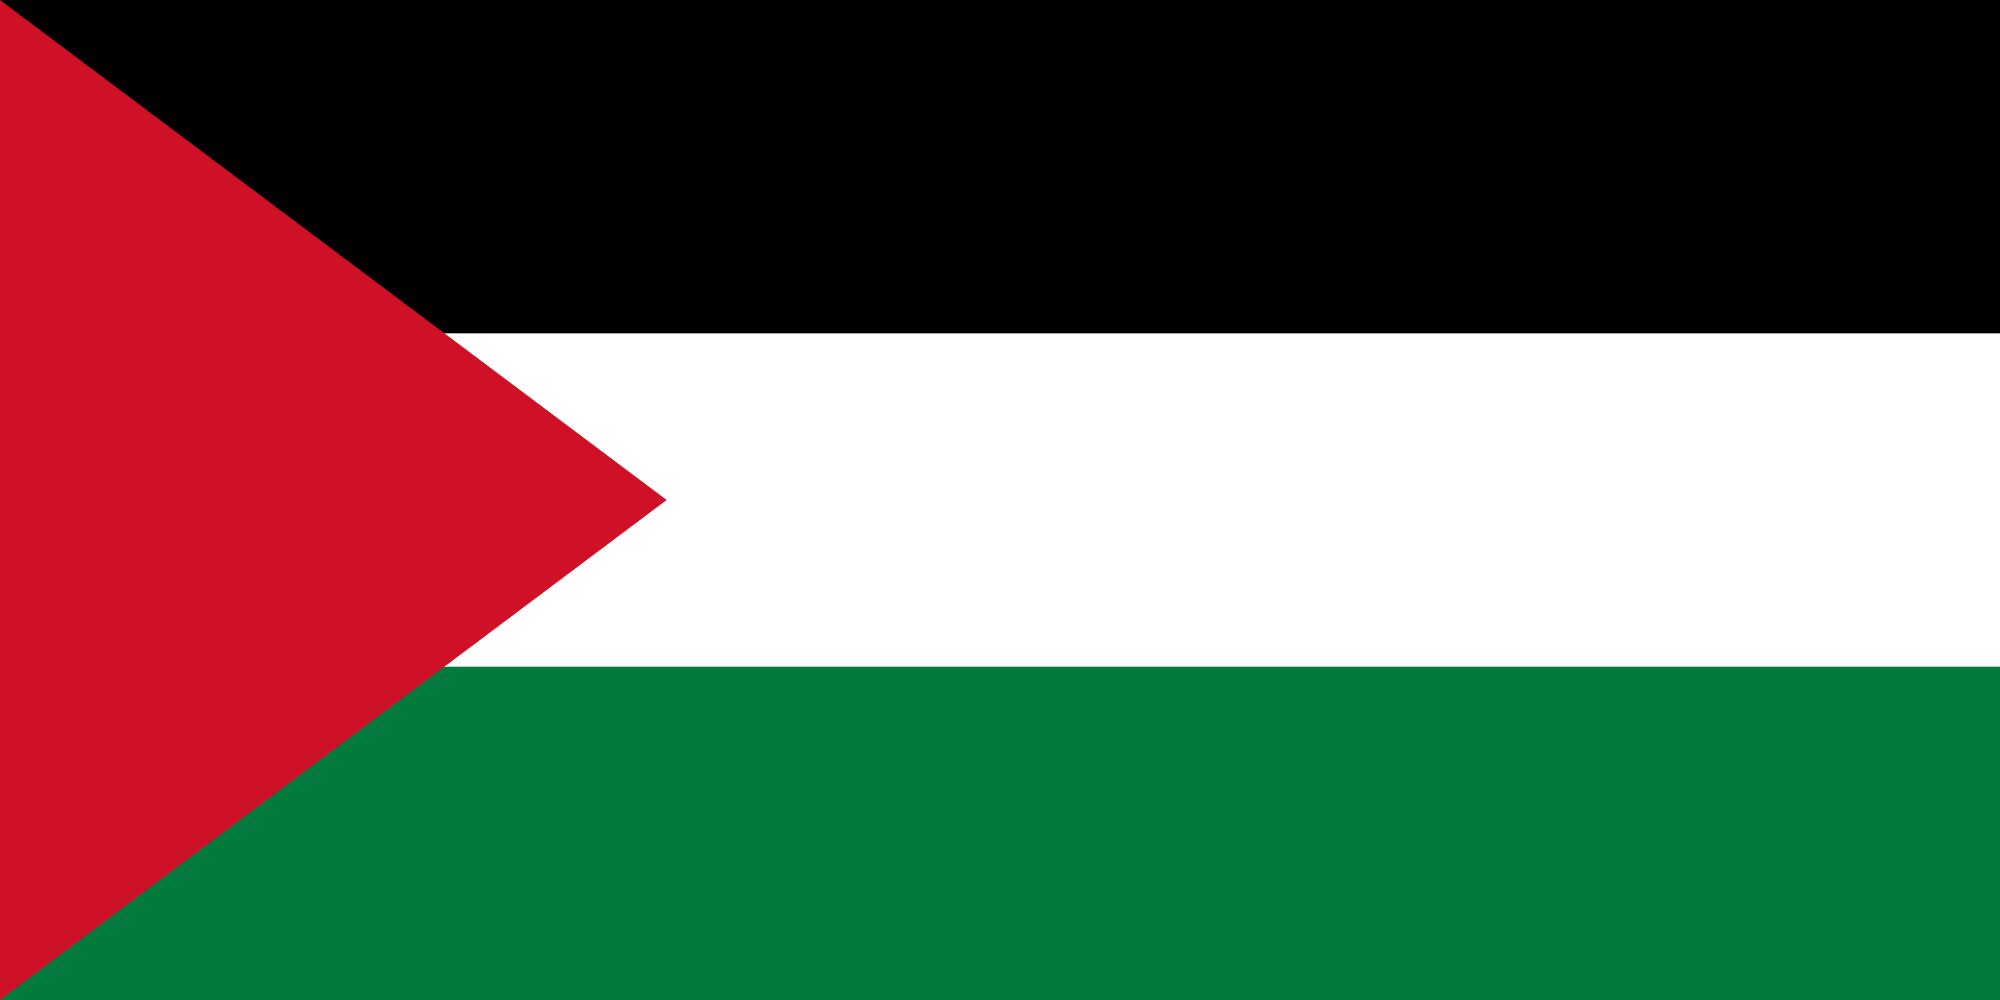 Palestino, país, Brasão de armas, logotipo, símbolo - Papéis de parede HD - Professor-falken.com